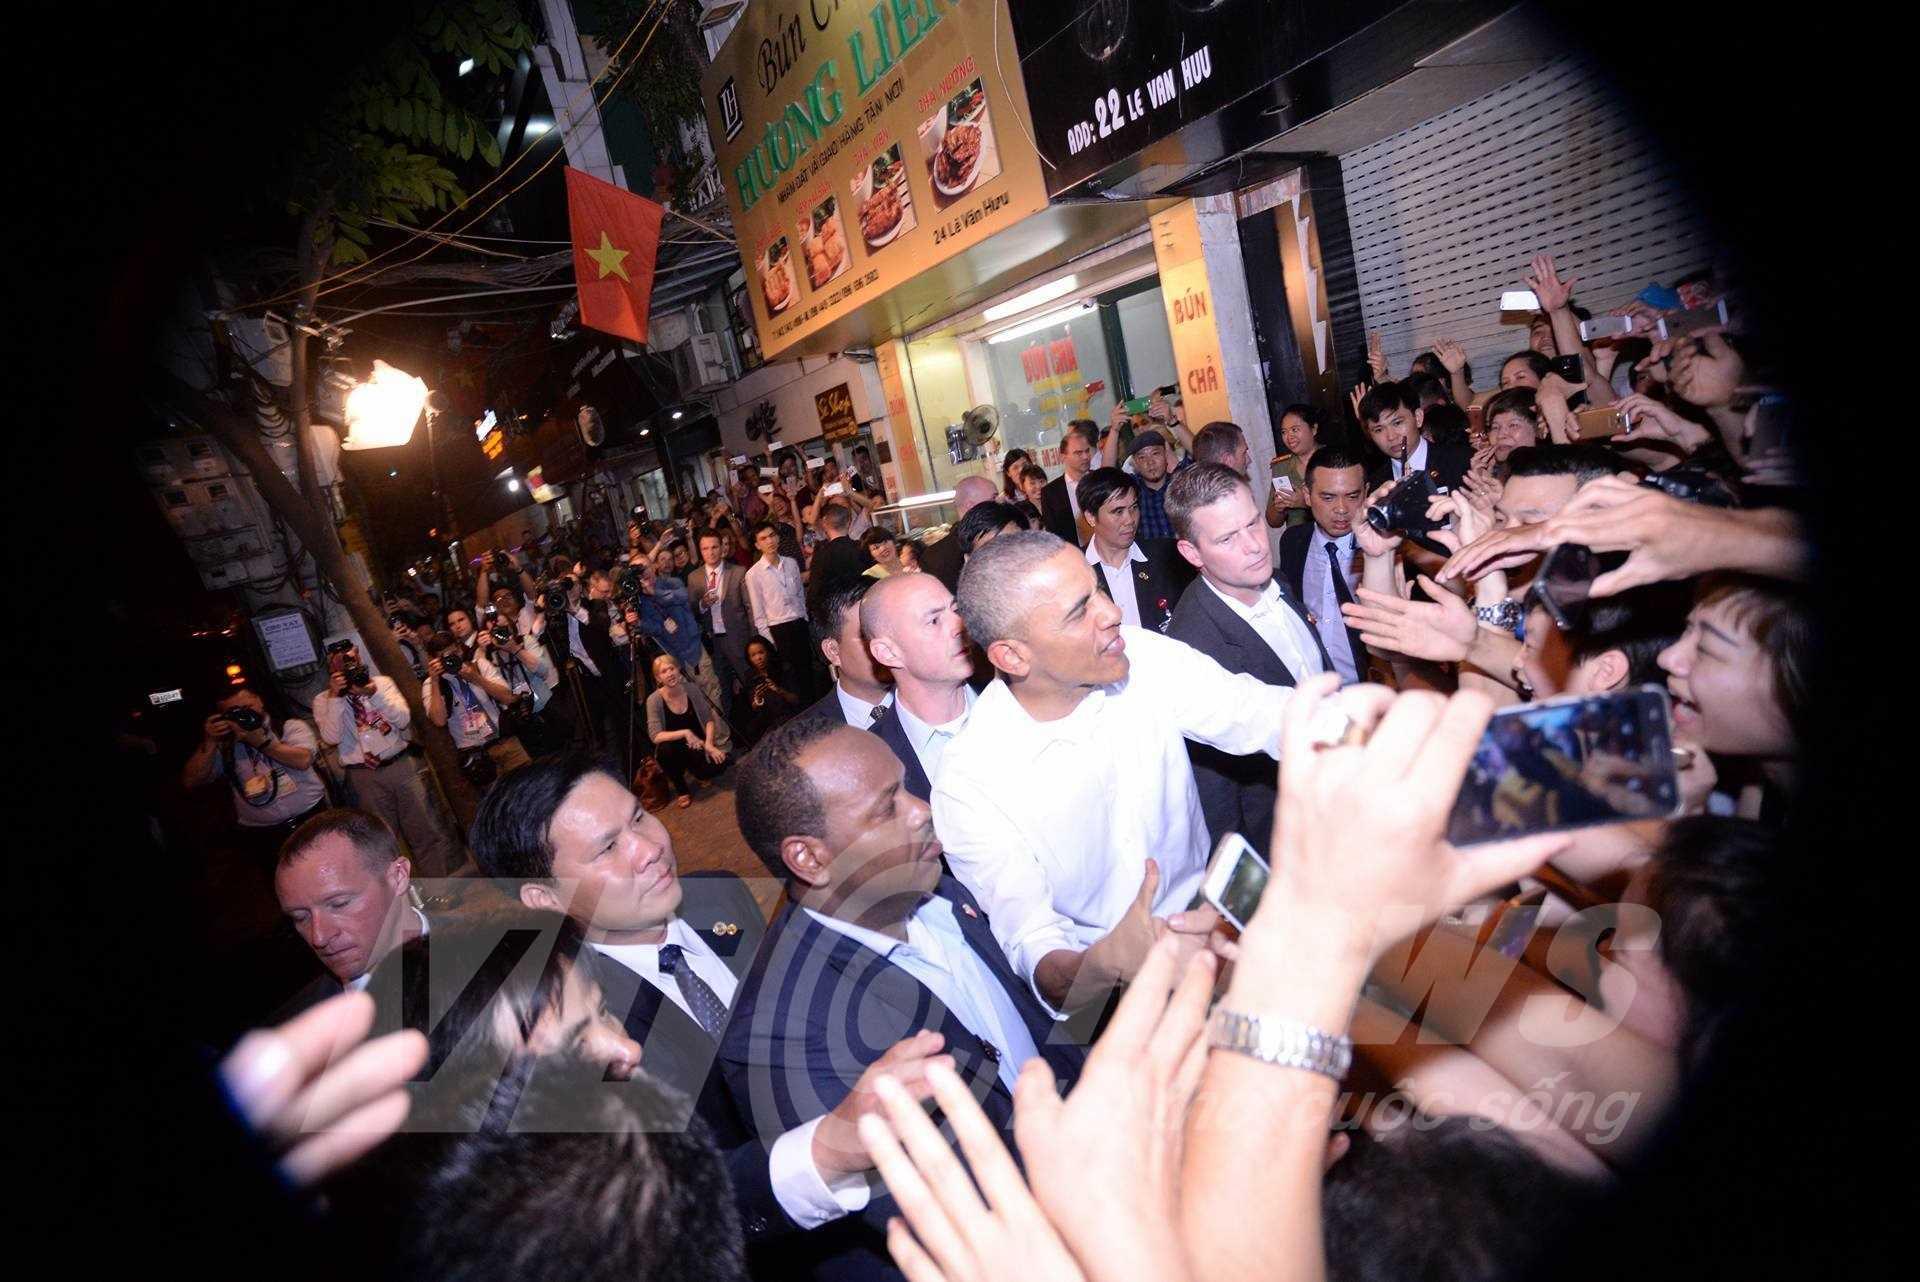 Tổng thống Obama thân thiện với người dân Việt Nam khi rời quán bún chả trên đường Lê Văn Hưu